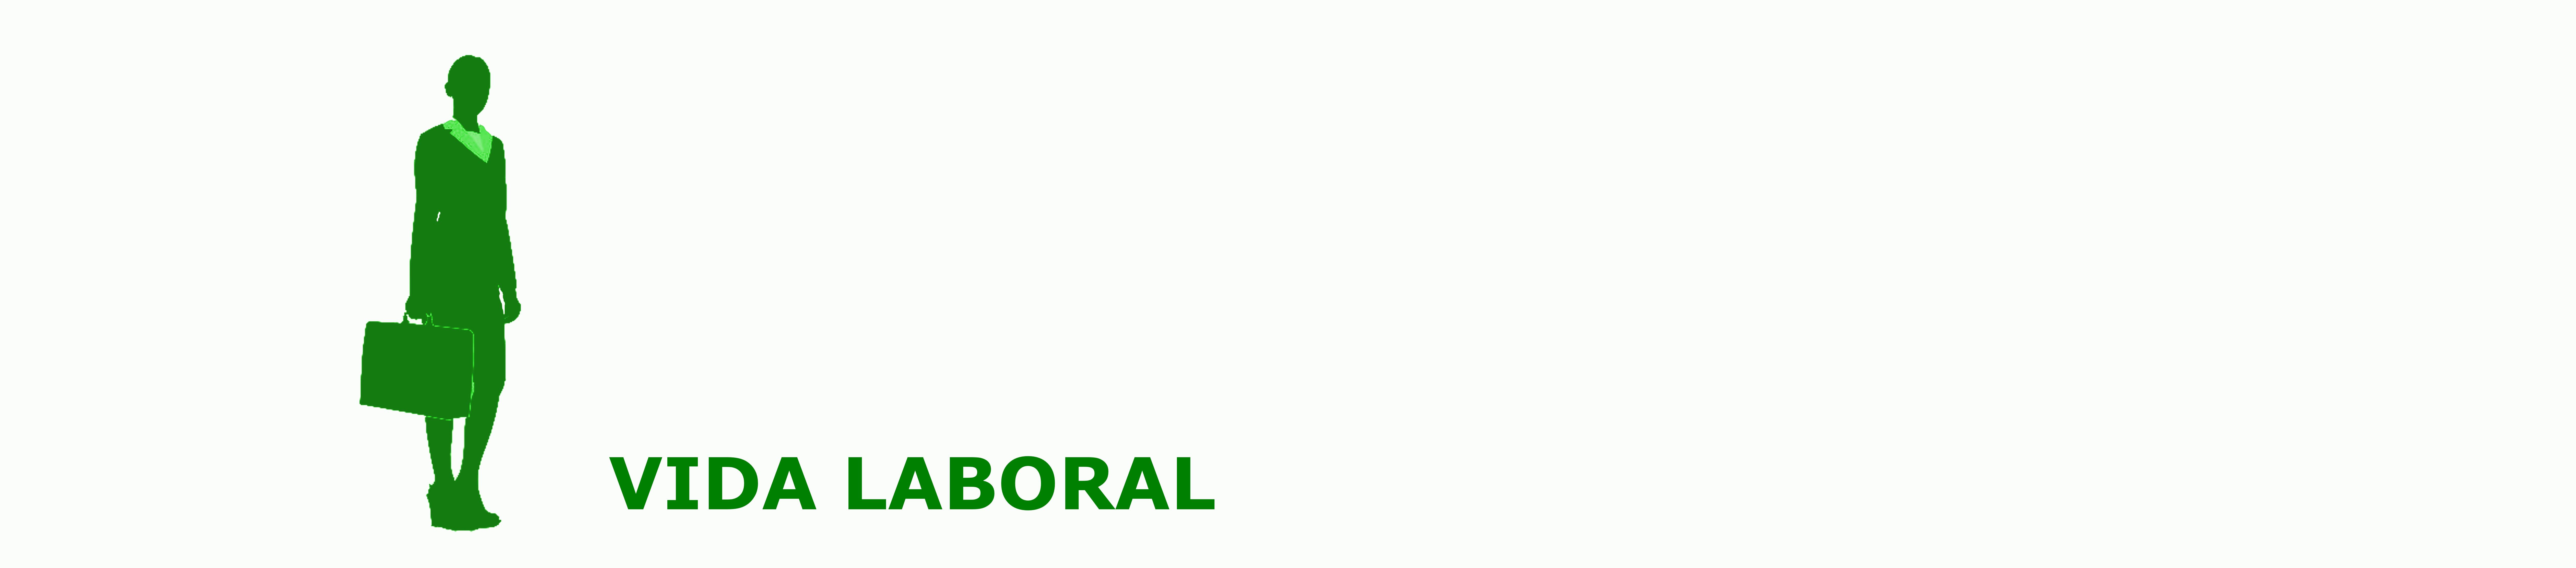 ayudar-estres-VIDA-CATALA-LABORAL-quiropracticlolivera